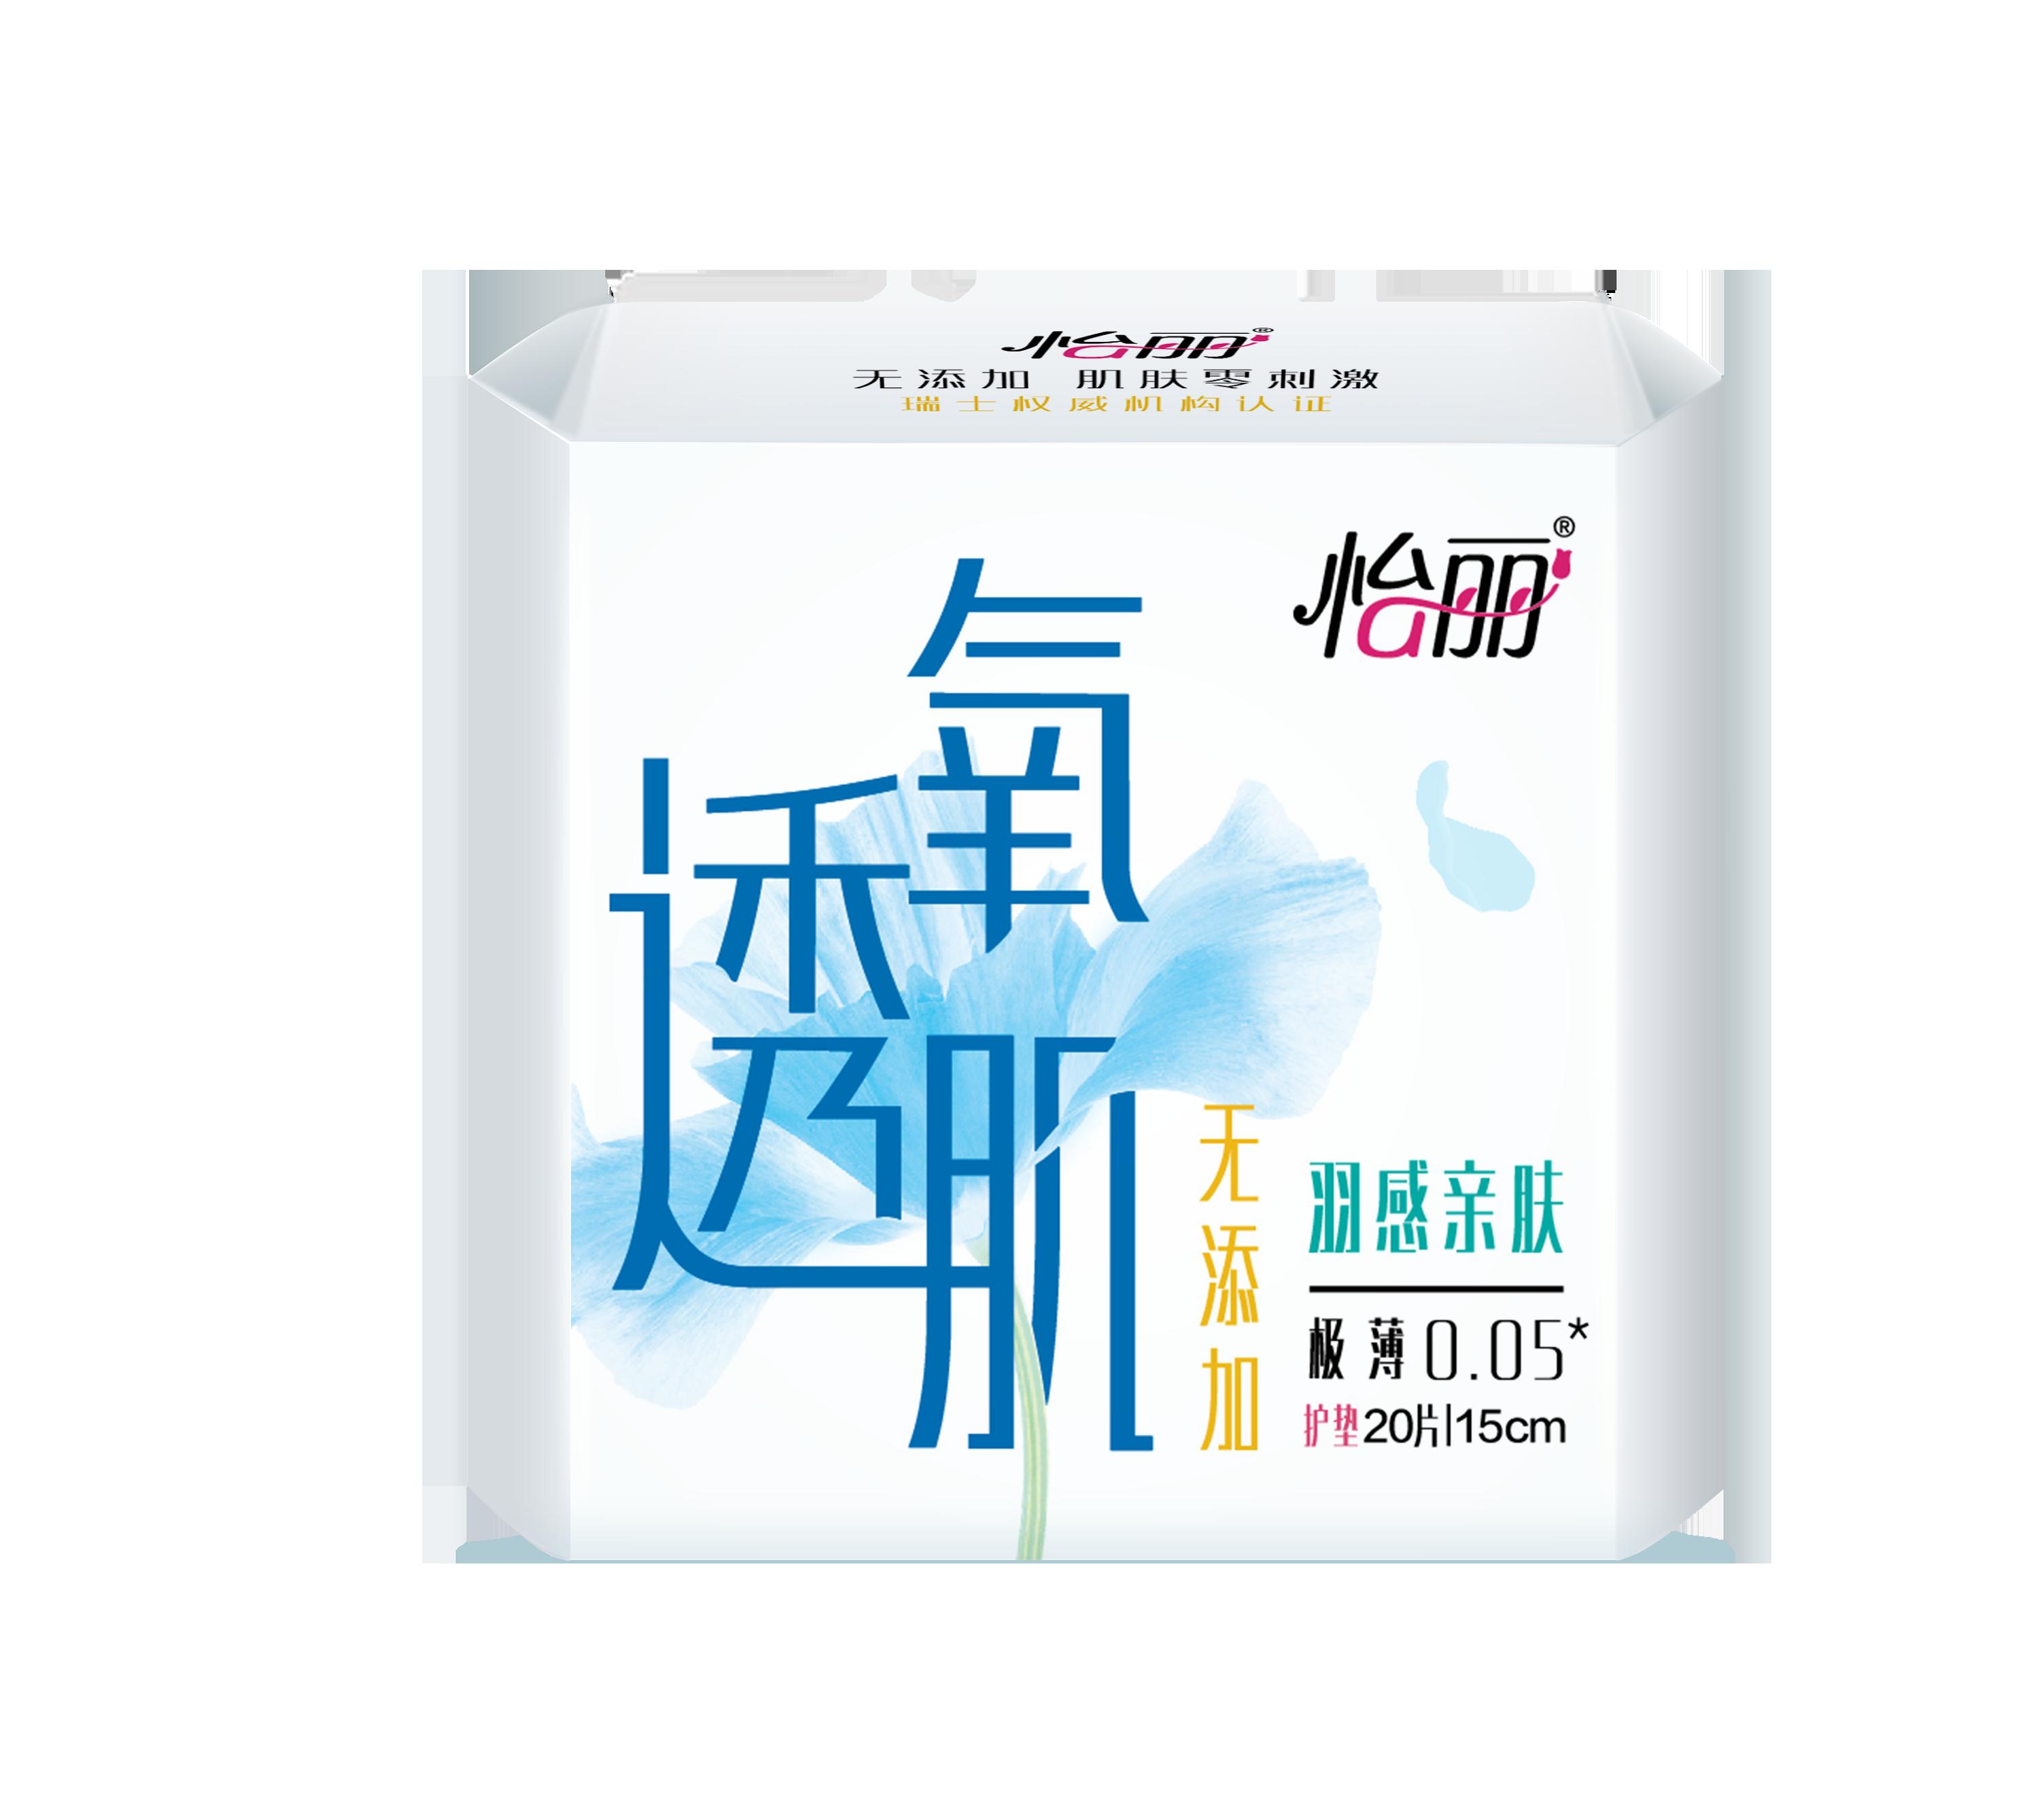 怡丽透氧肌护垫20片棉柔极薄15cm 10包组合共200片无荧光剂无添加